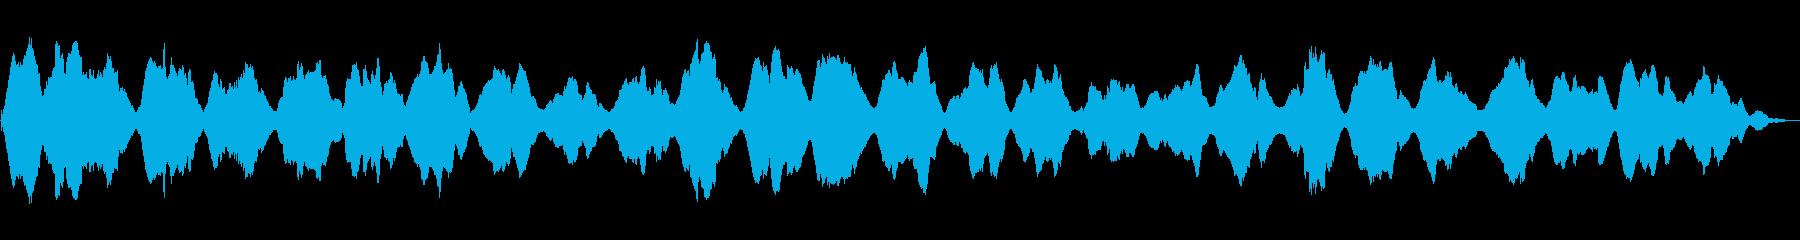 ドローン 淫乱01の再生済みの波形